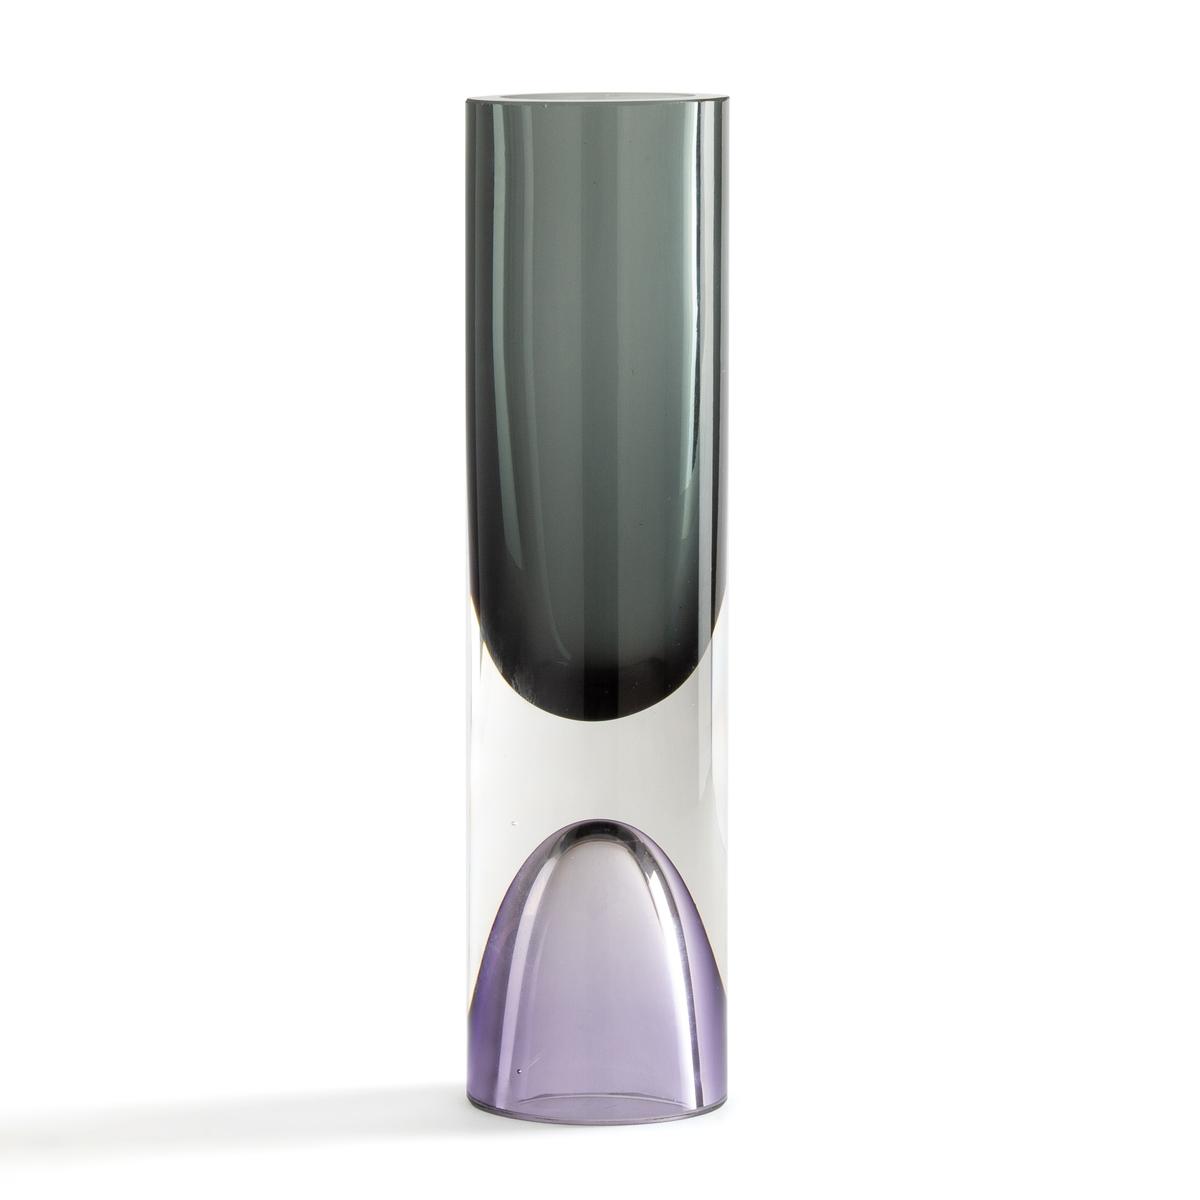 Ваза LaRedoute Из стекла большая модель В30 см Capsule единый размер серый ваза la redoute из стекла с обсыпкой выс см callipe единый размер серый